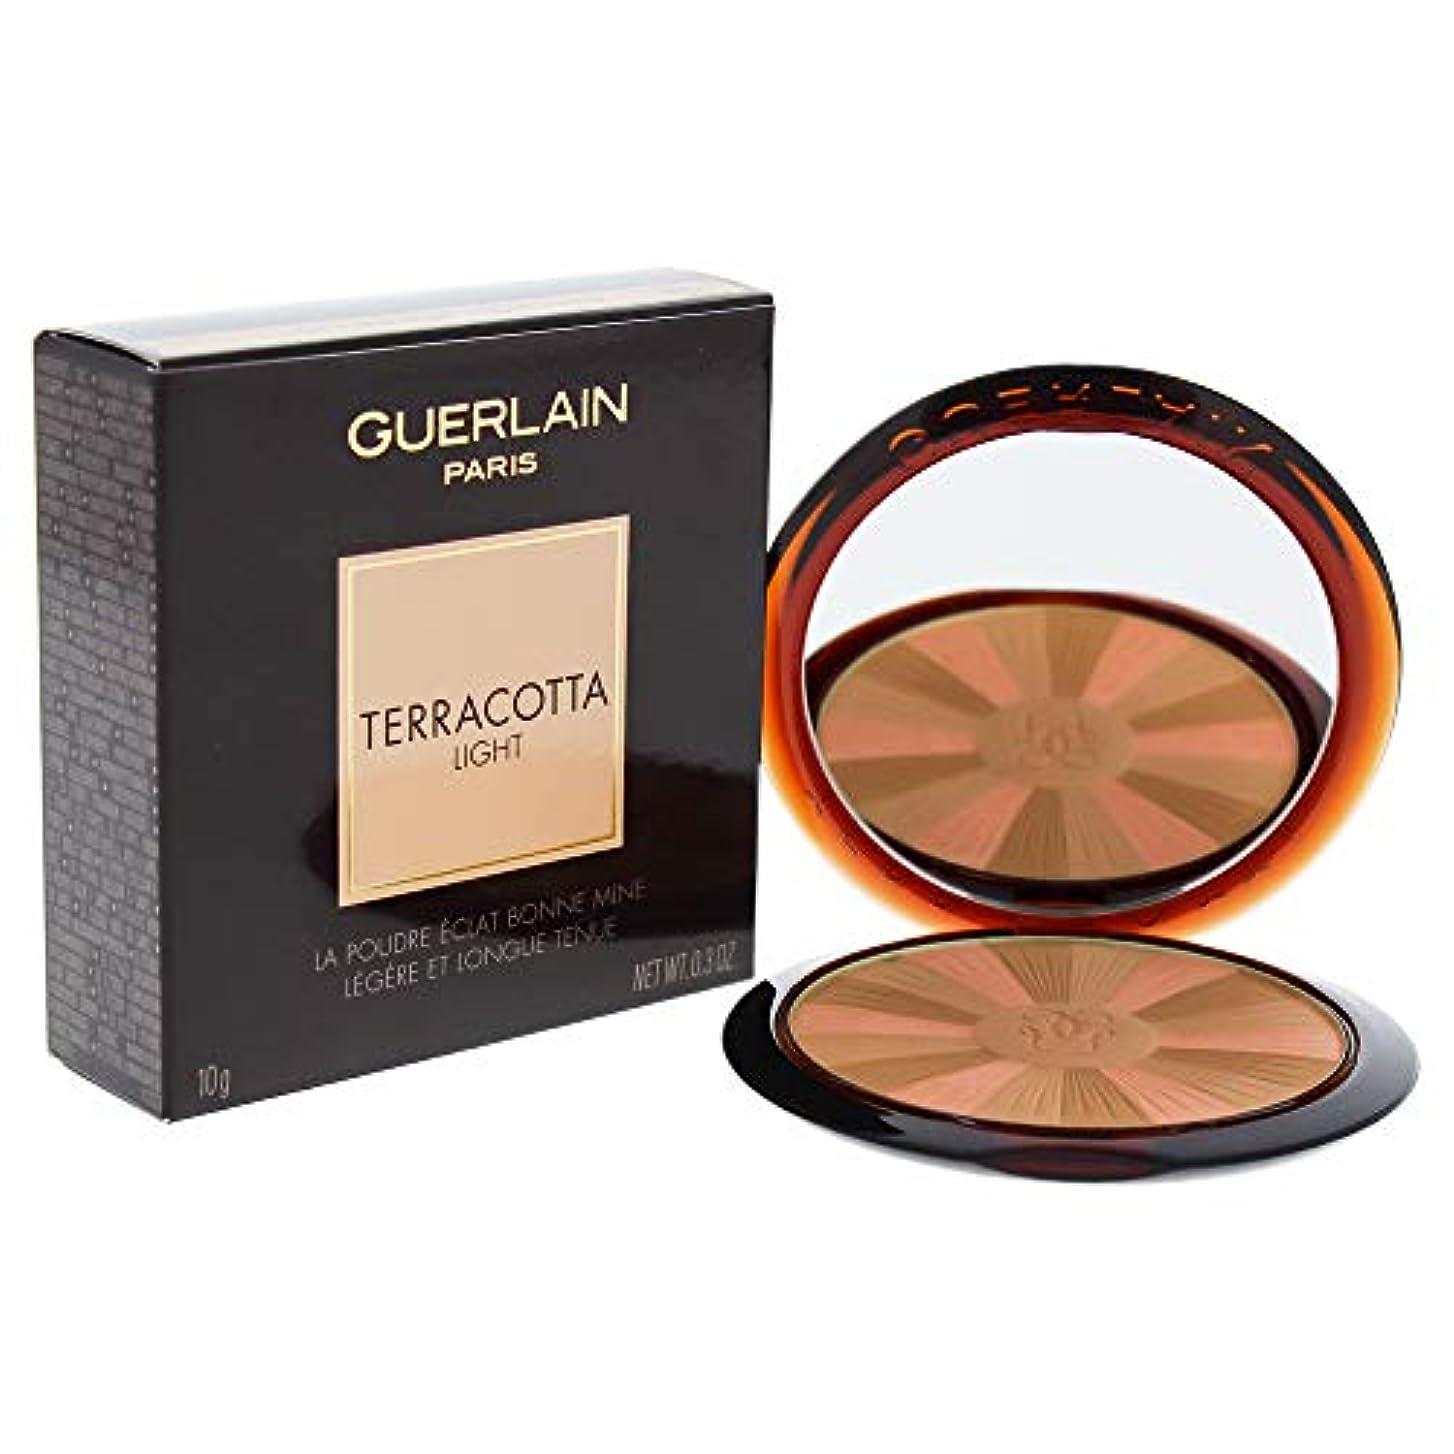 蓄積する慎重にメディカルゲラン Terracotta Light The Sun Kissed Healthy Glow Powder - # 01 Light Warm 10g/0.3oz並行輸入品